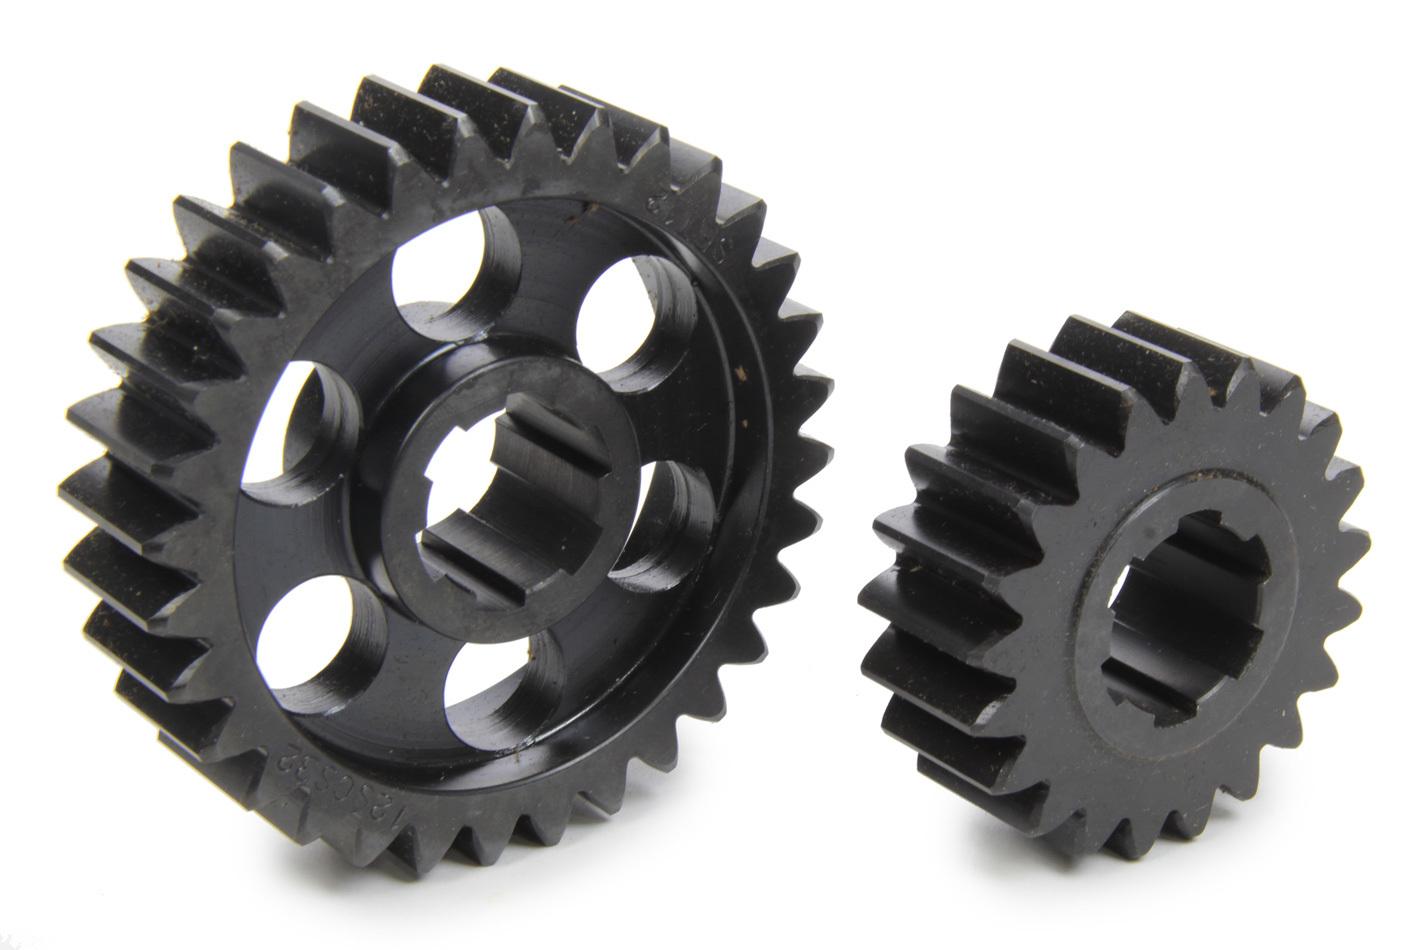 SCS Gears 612 Quick Change Gear Set, Professional, Set 612, 6 Spline, 4.11 Ratio 2.70 / 6.26, 4.33 Ratio 2.84 / 6.60, Steel, Each